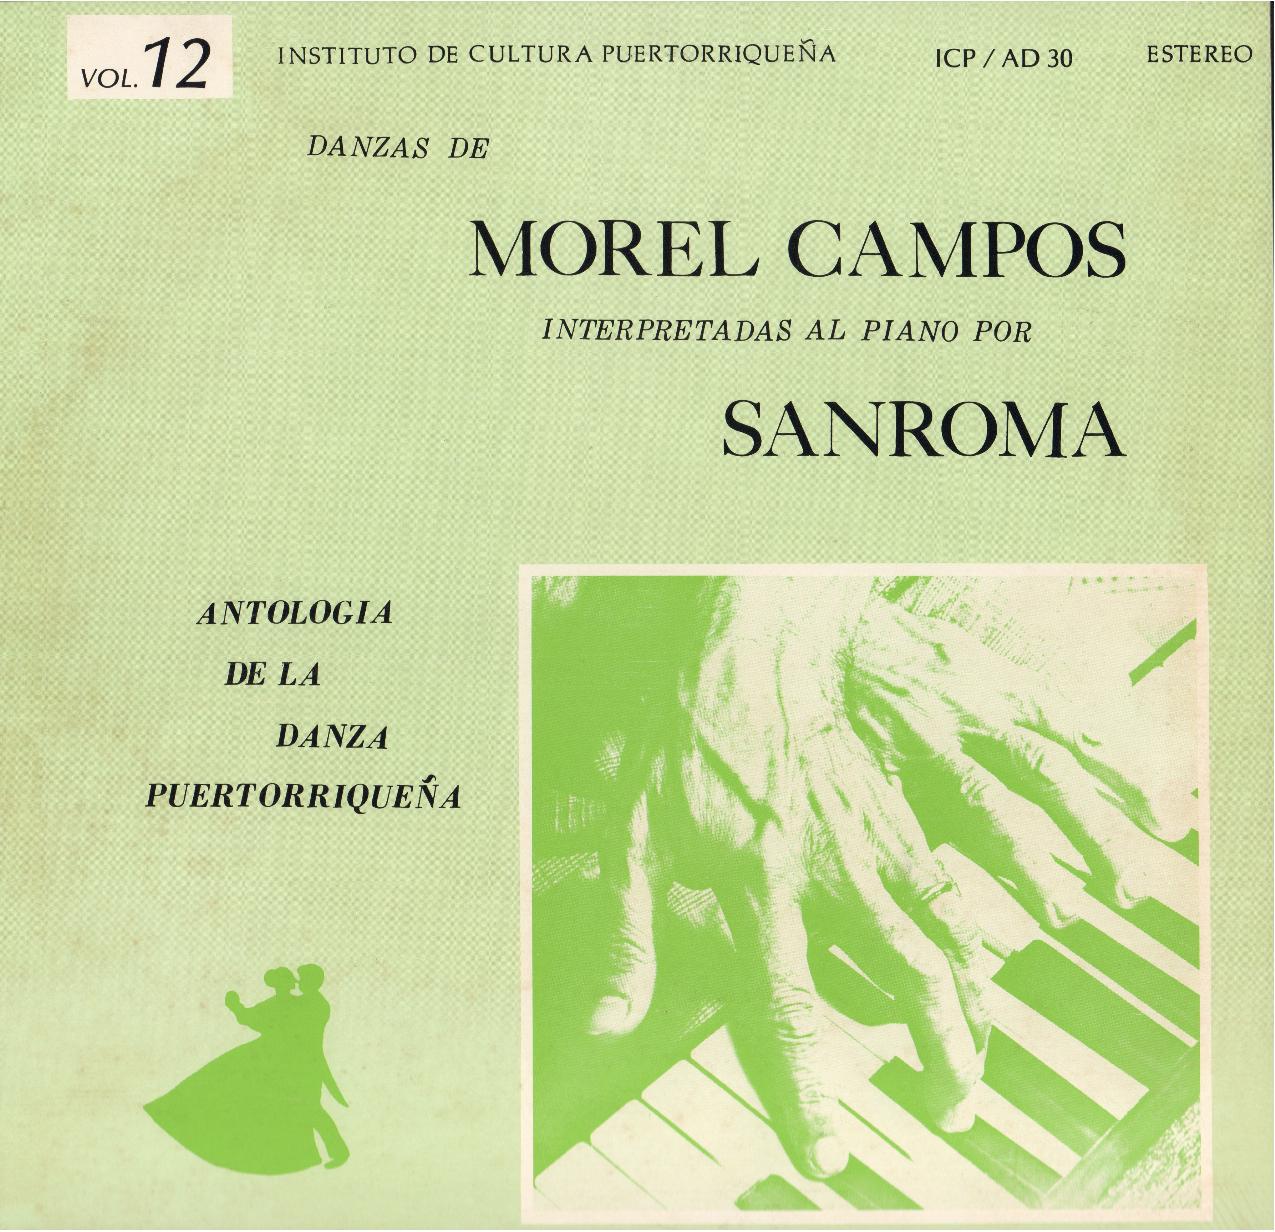 Danzas de Morel Campos Vol. 12